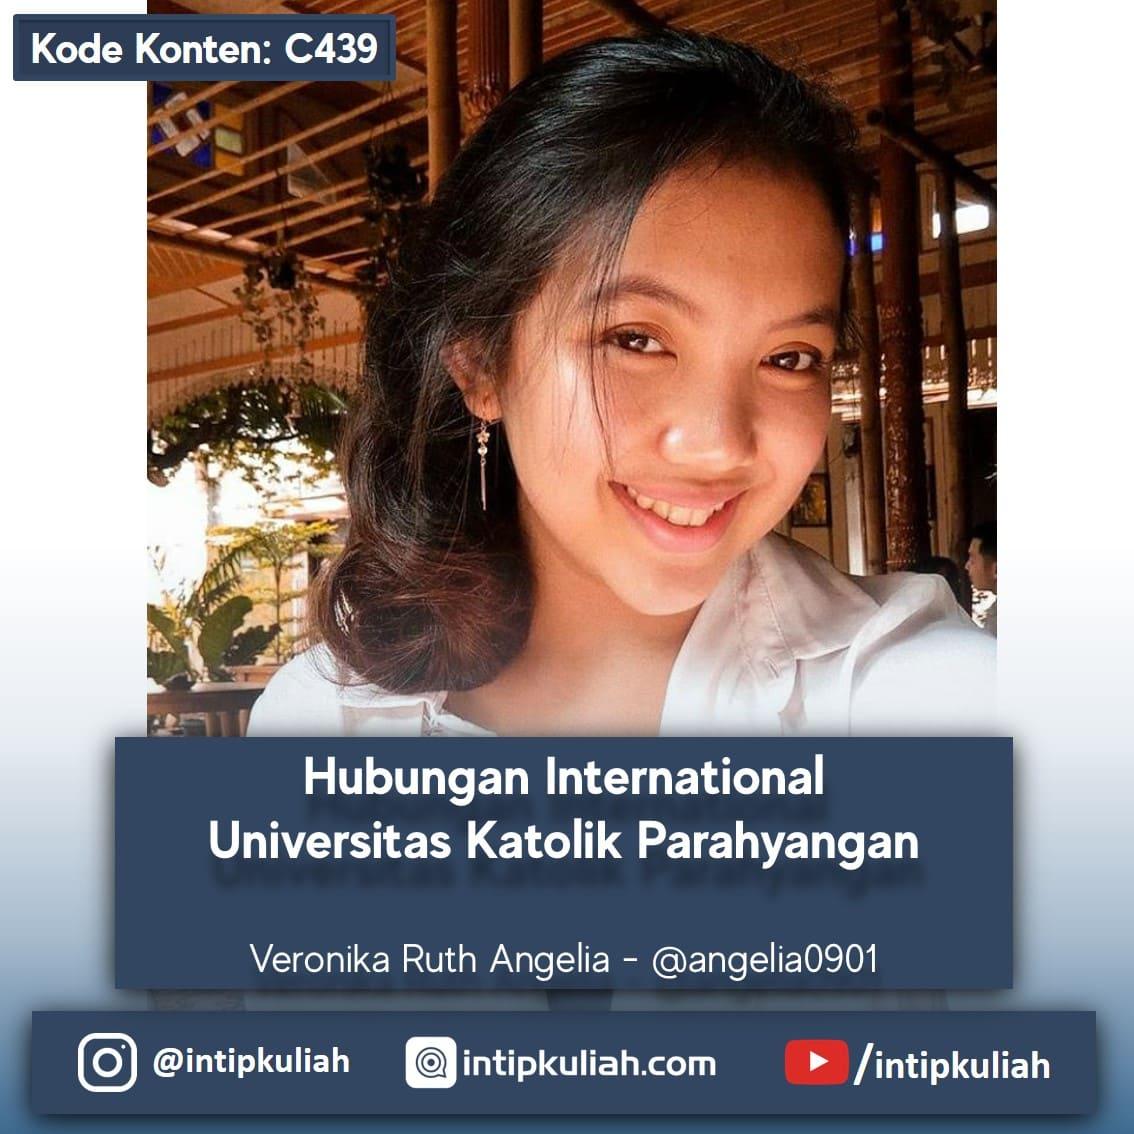 Hubungan International Universitas Katolik Parahyangan (Vero)